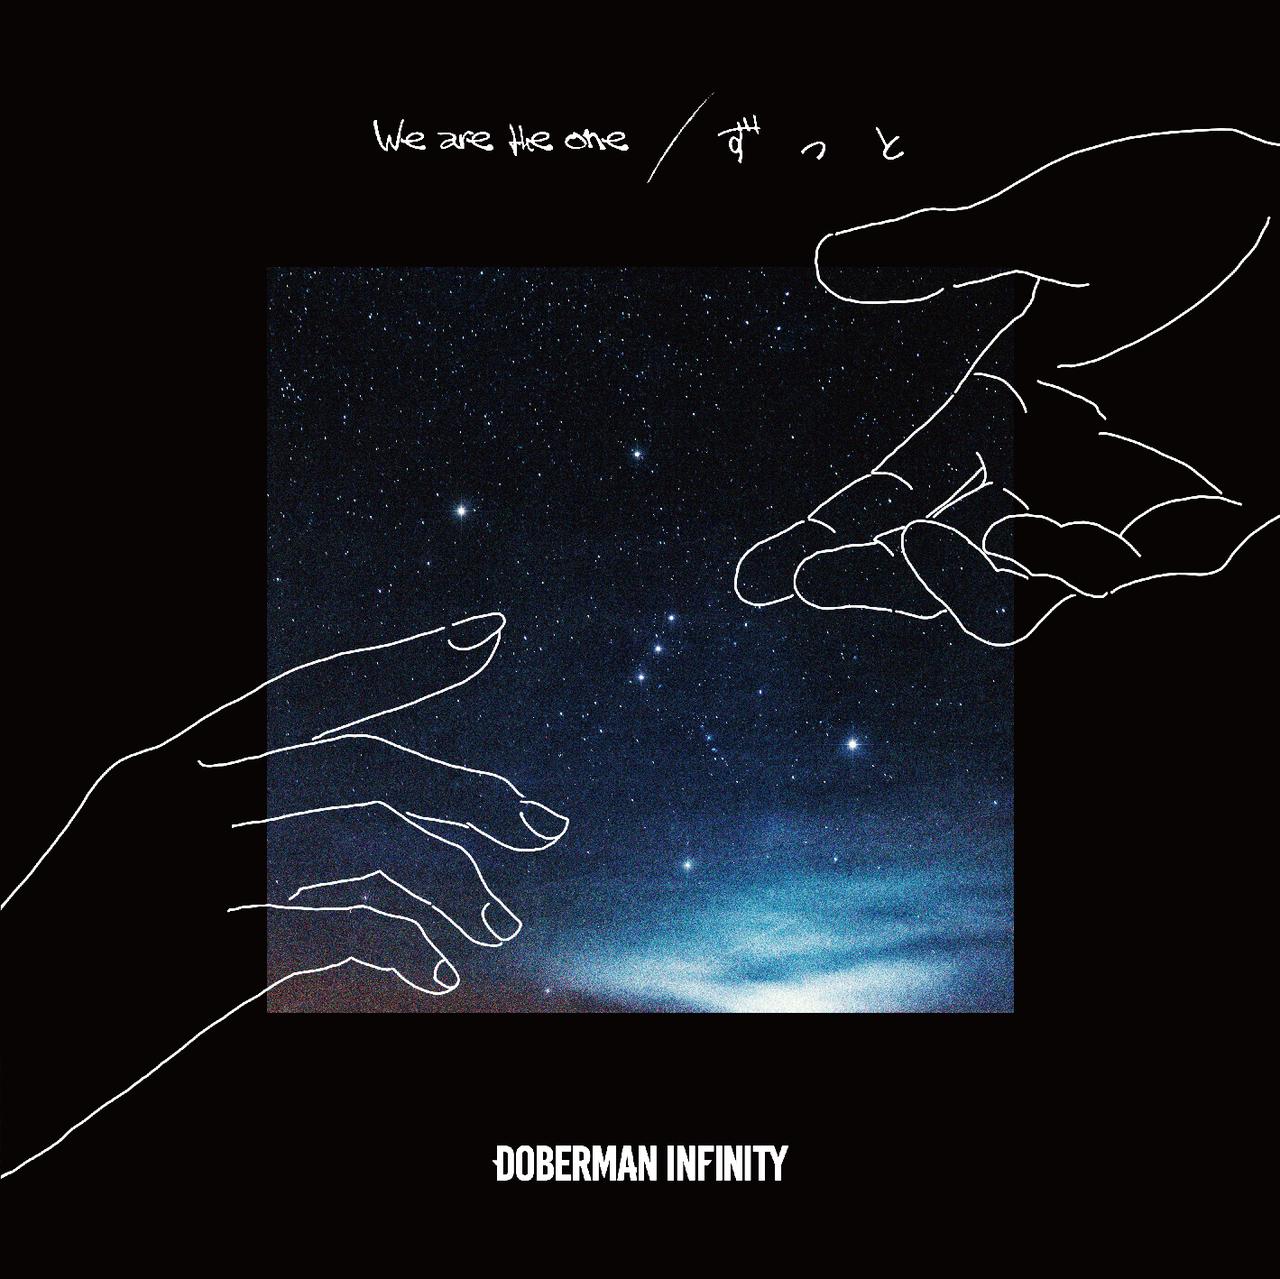 ずっと doberman 歌詞 infinity